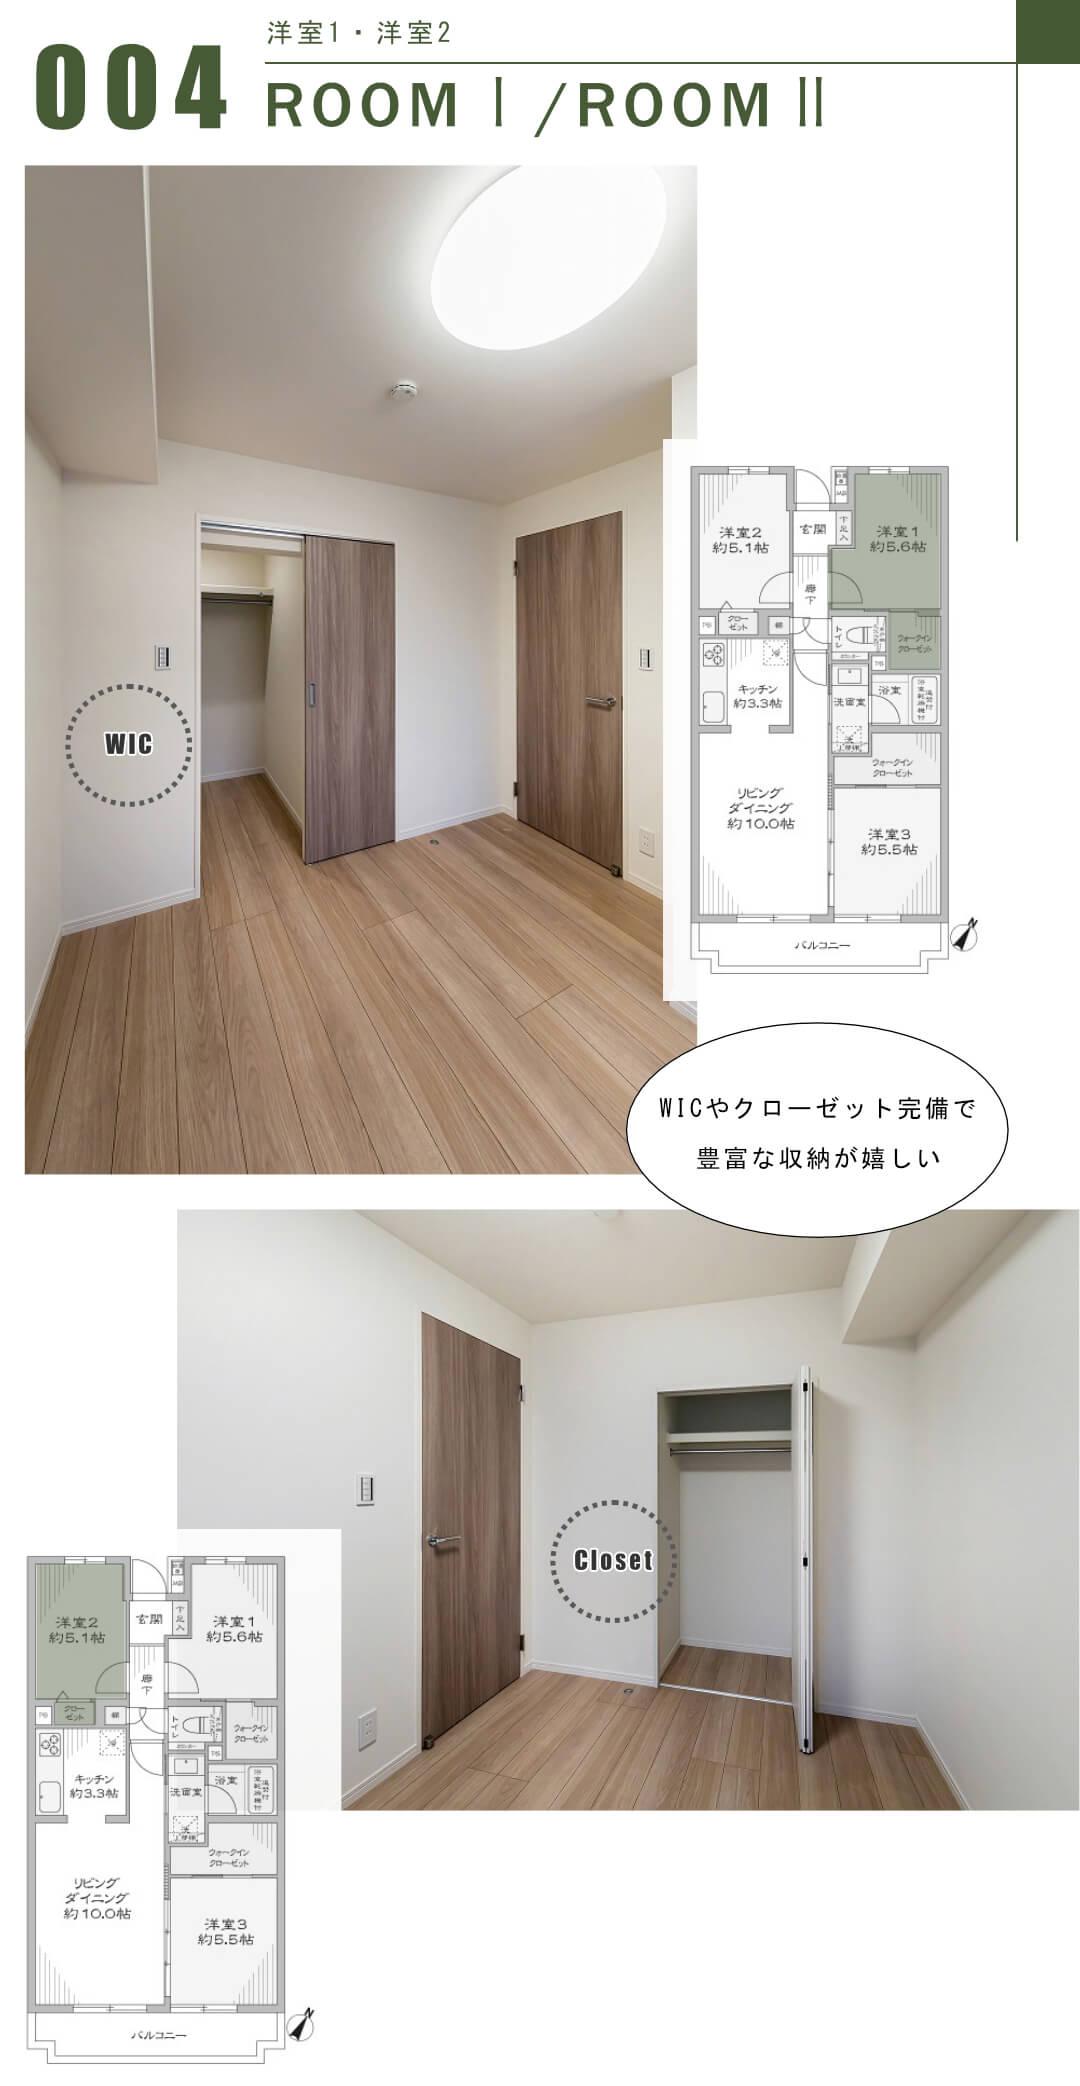 ユニーブル成増 A-103号室の洋室1/洋室2